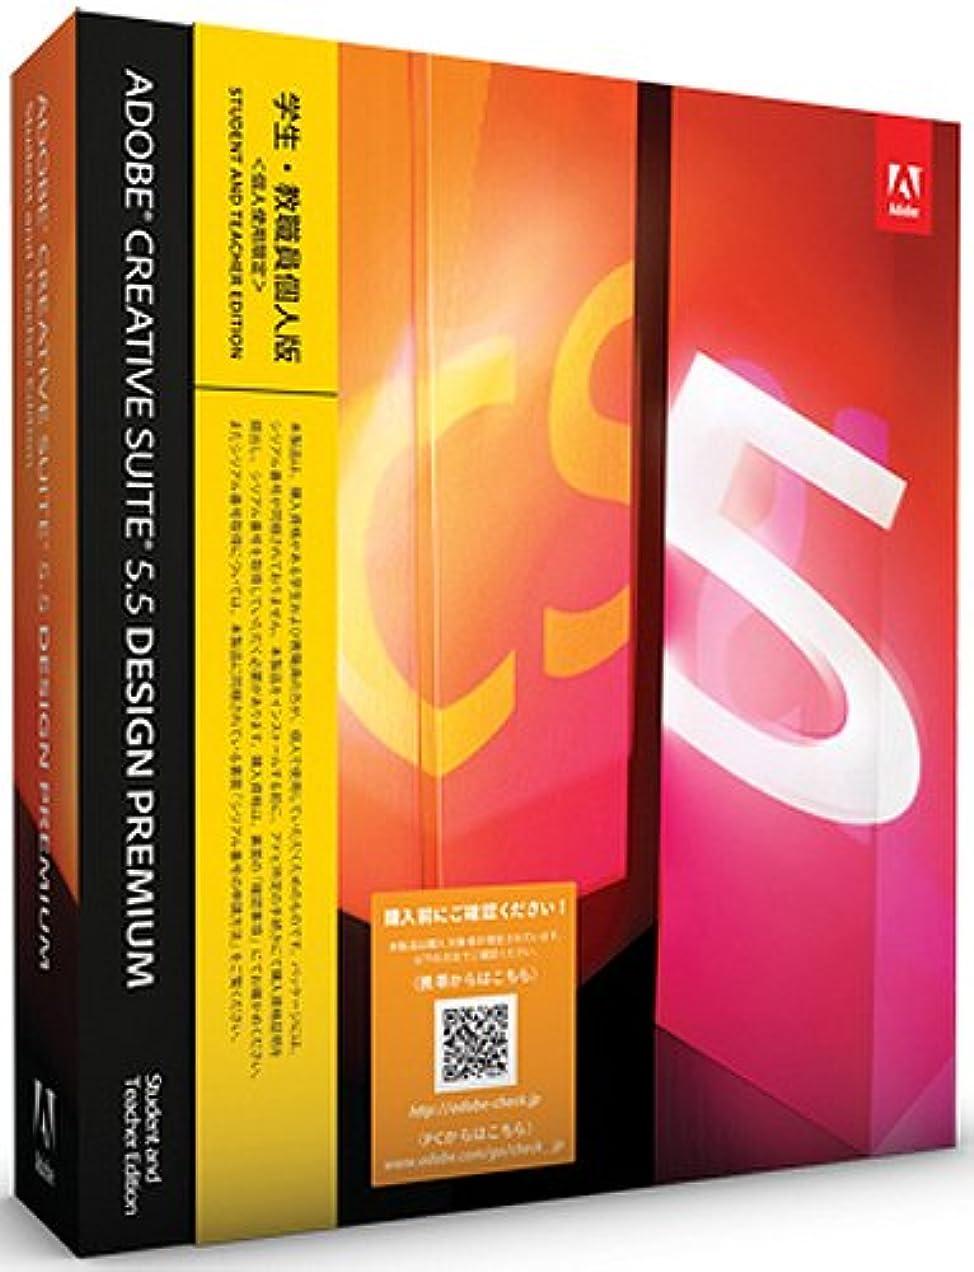 社説オートマトンエミュレートする学生?教職員個人版 Adobe Creative Suite 5.5 Design Premium Windows版 (要シリアル番号申請)